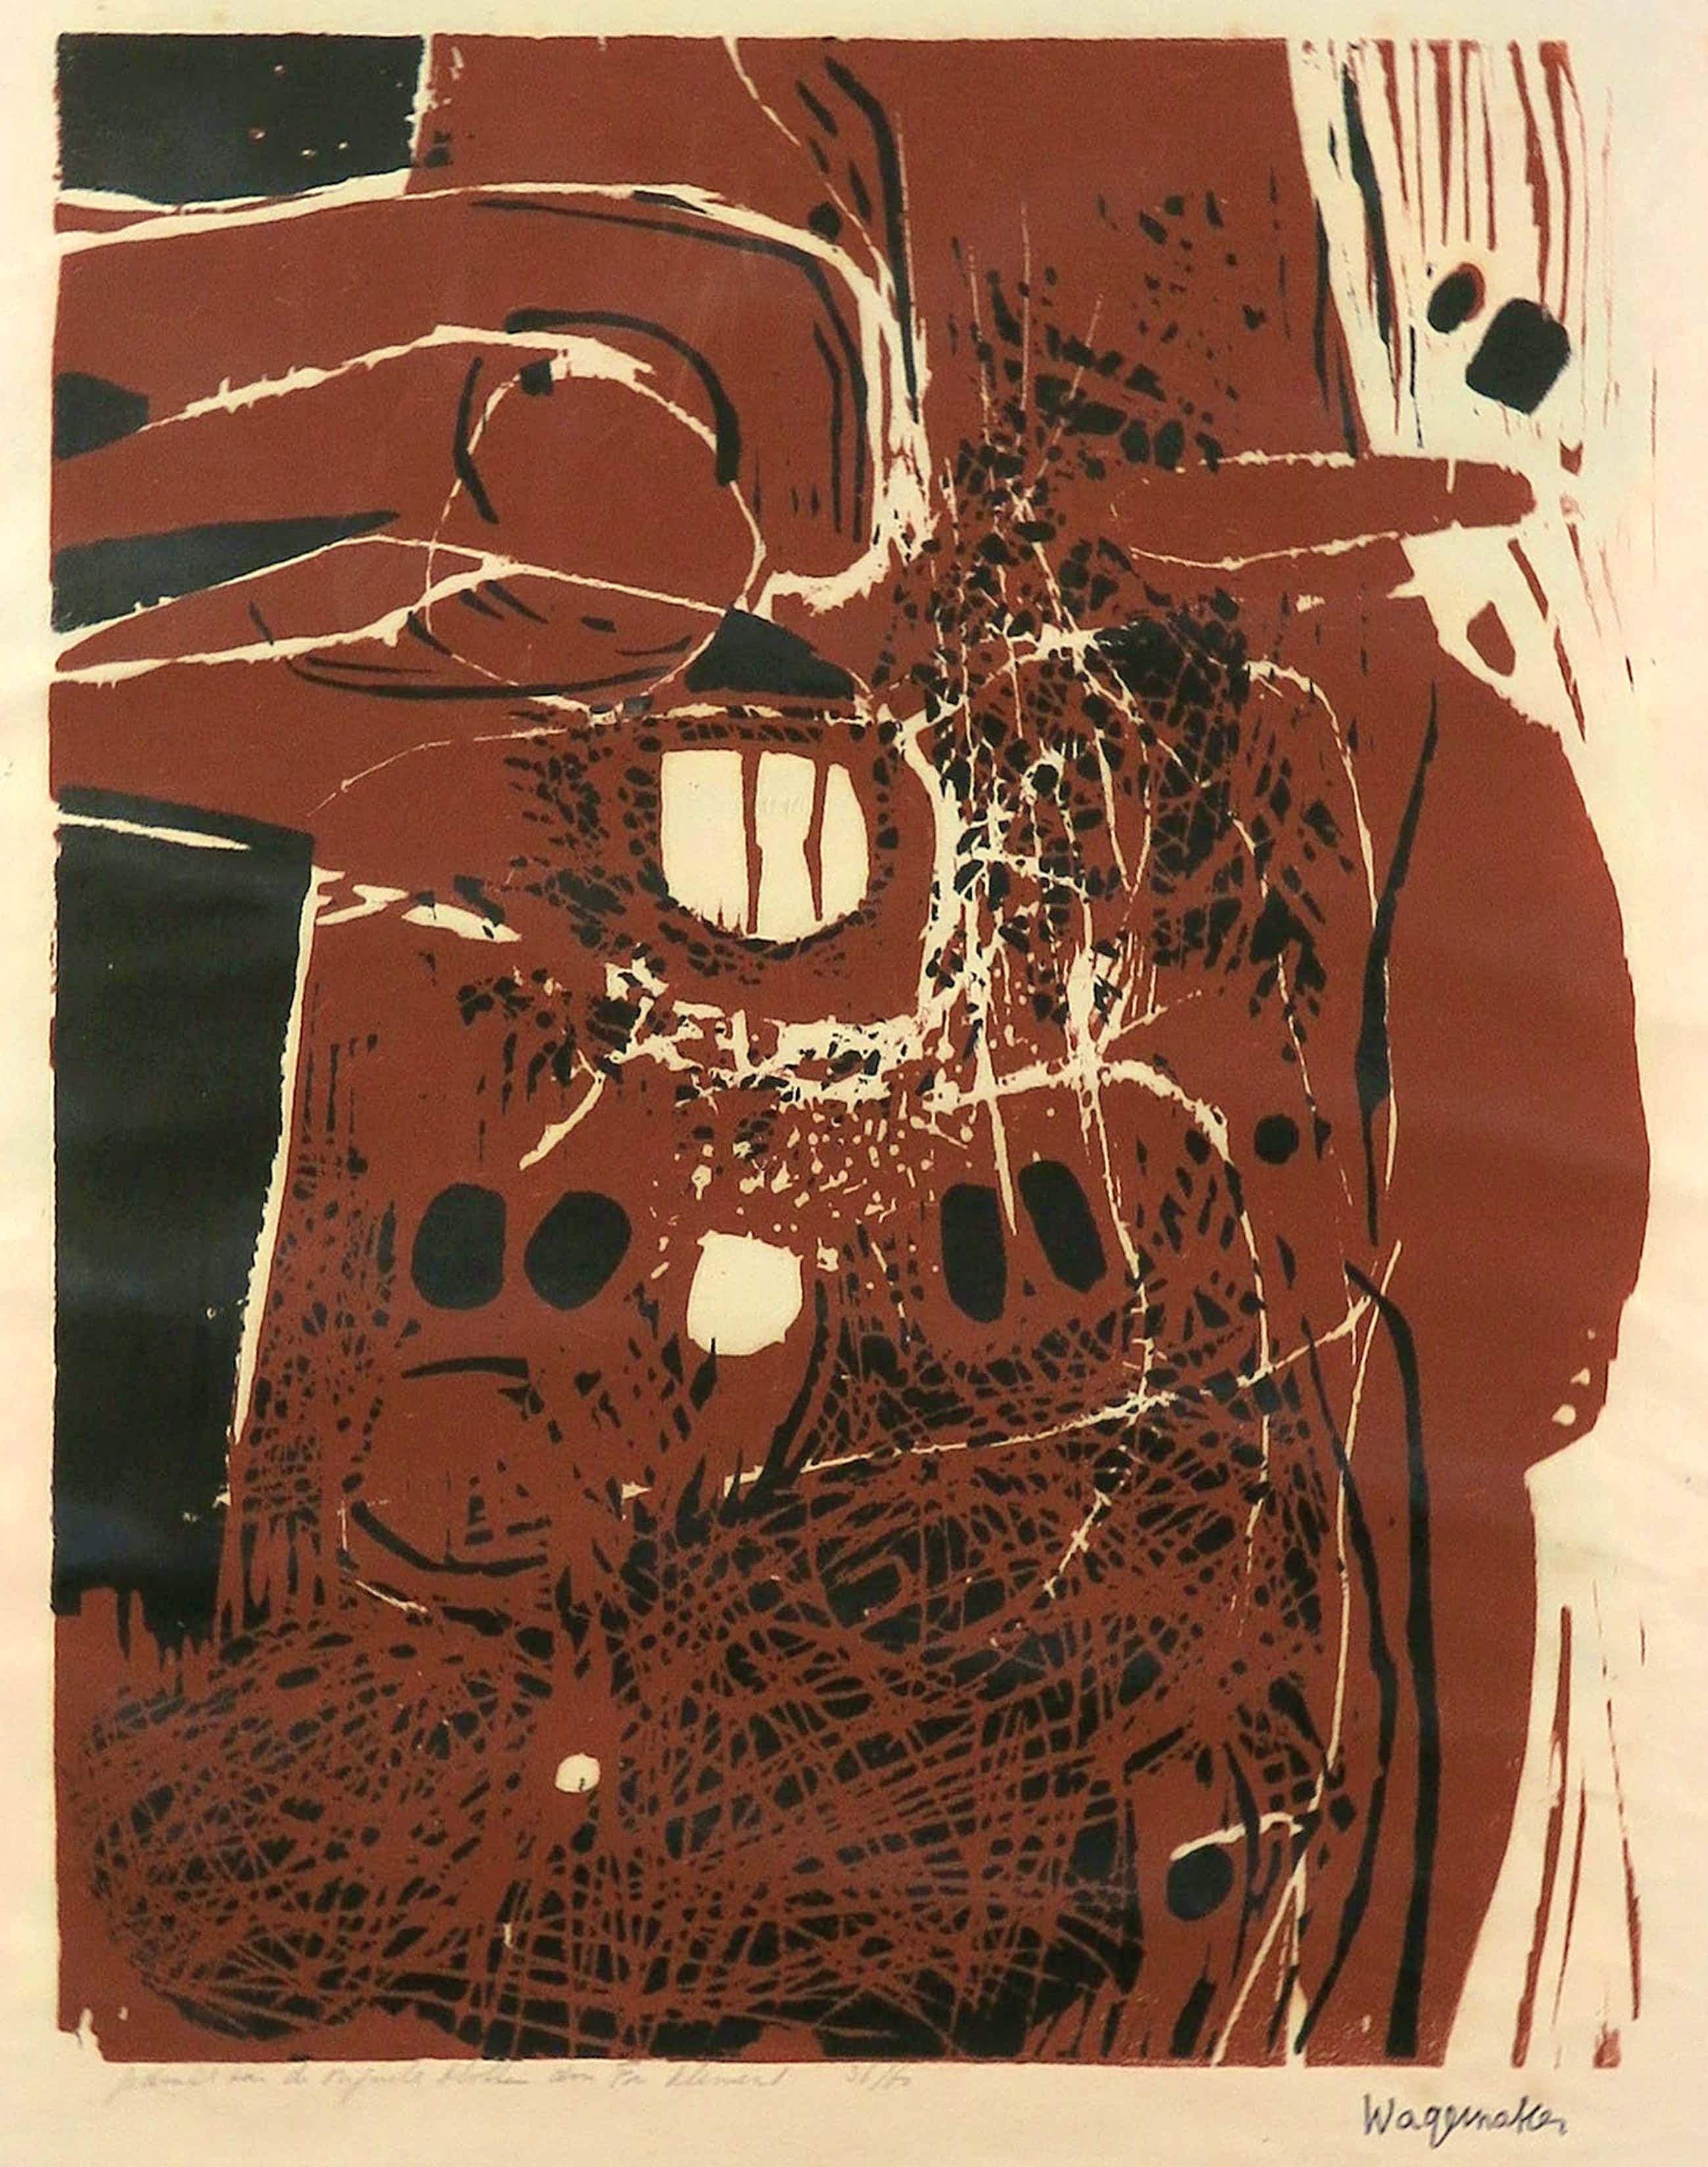 Jaap Wagemaker - Houtsnede op Japans papier, Compositie - Ingelijst kopen? Bied vanaf 80!